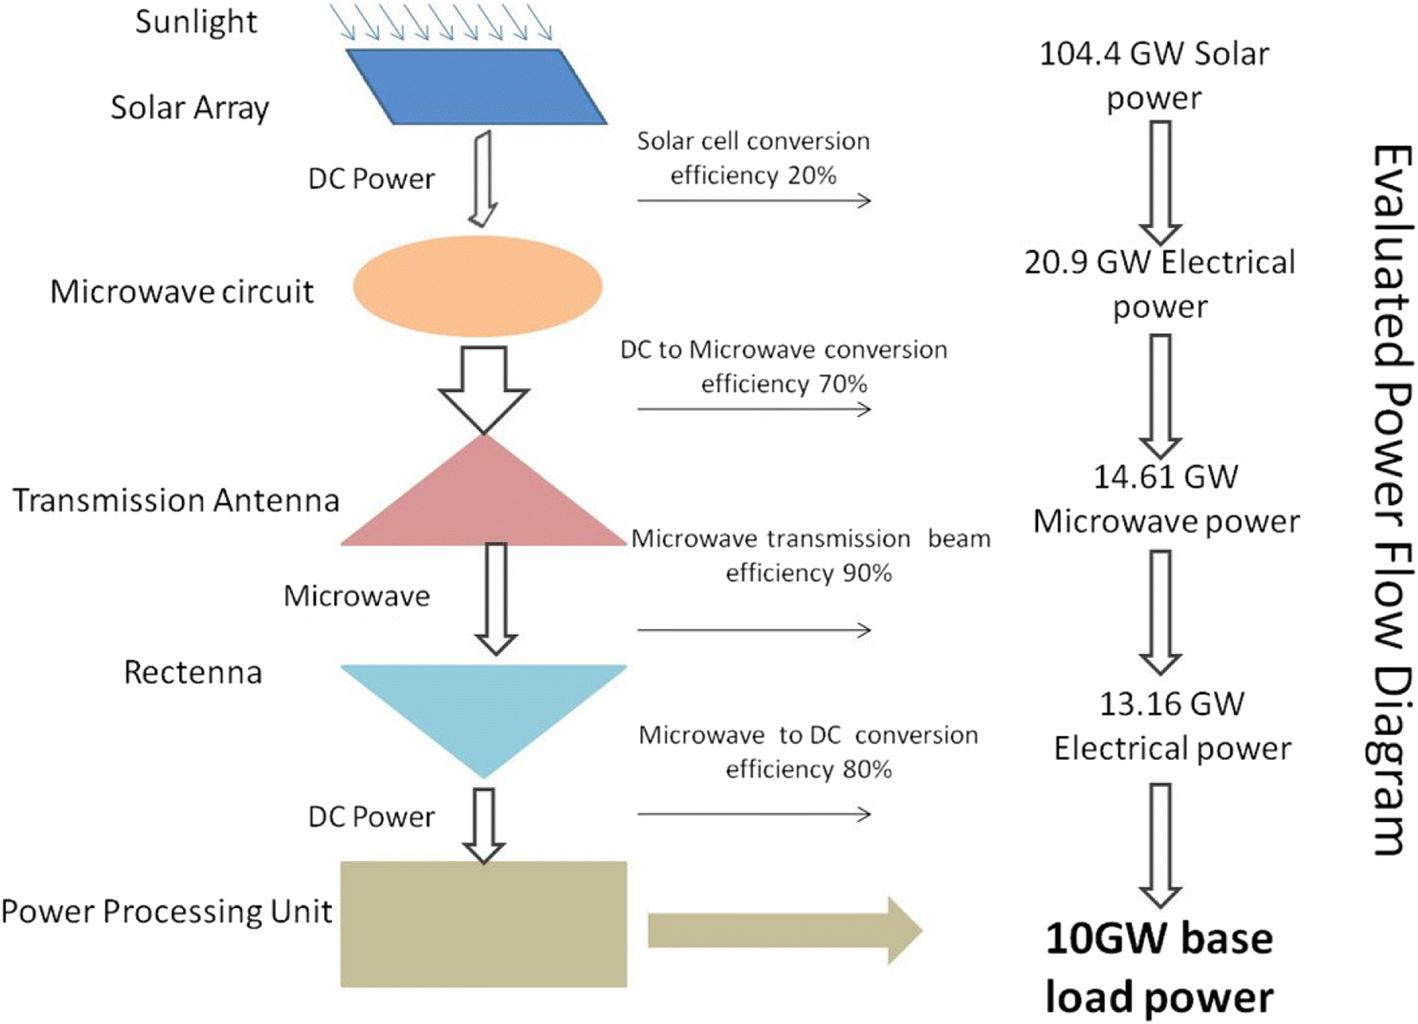 Satellite solar wireless power transfer for baseload ground